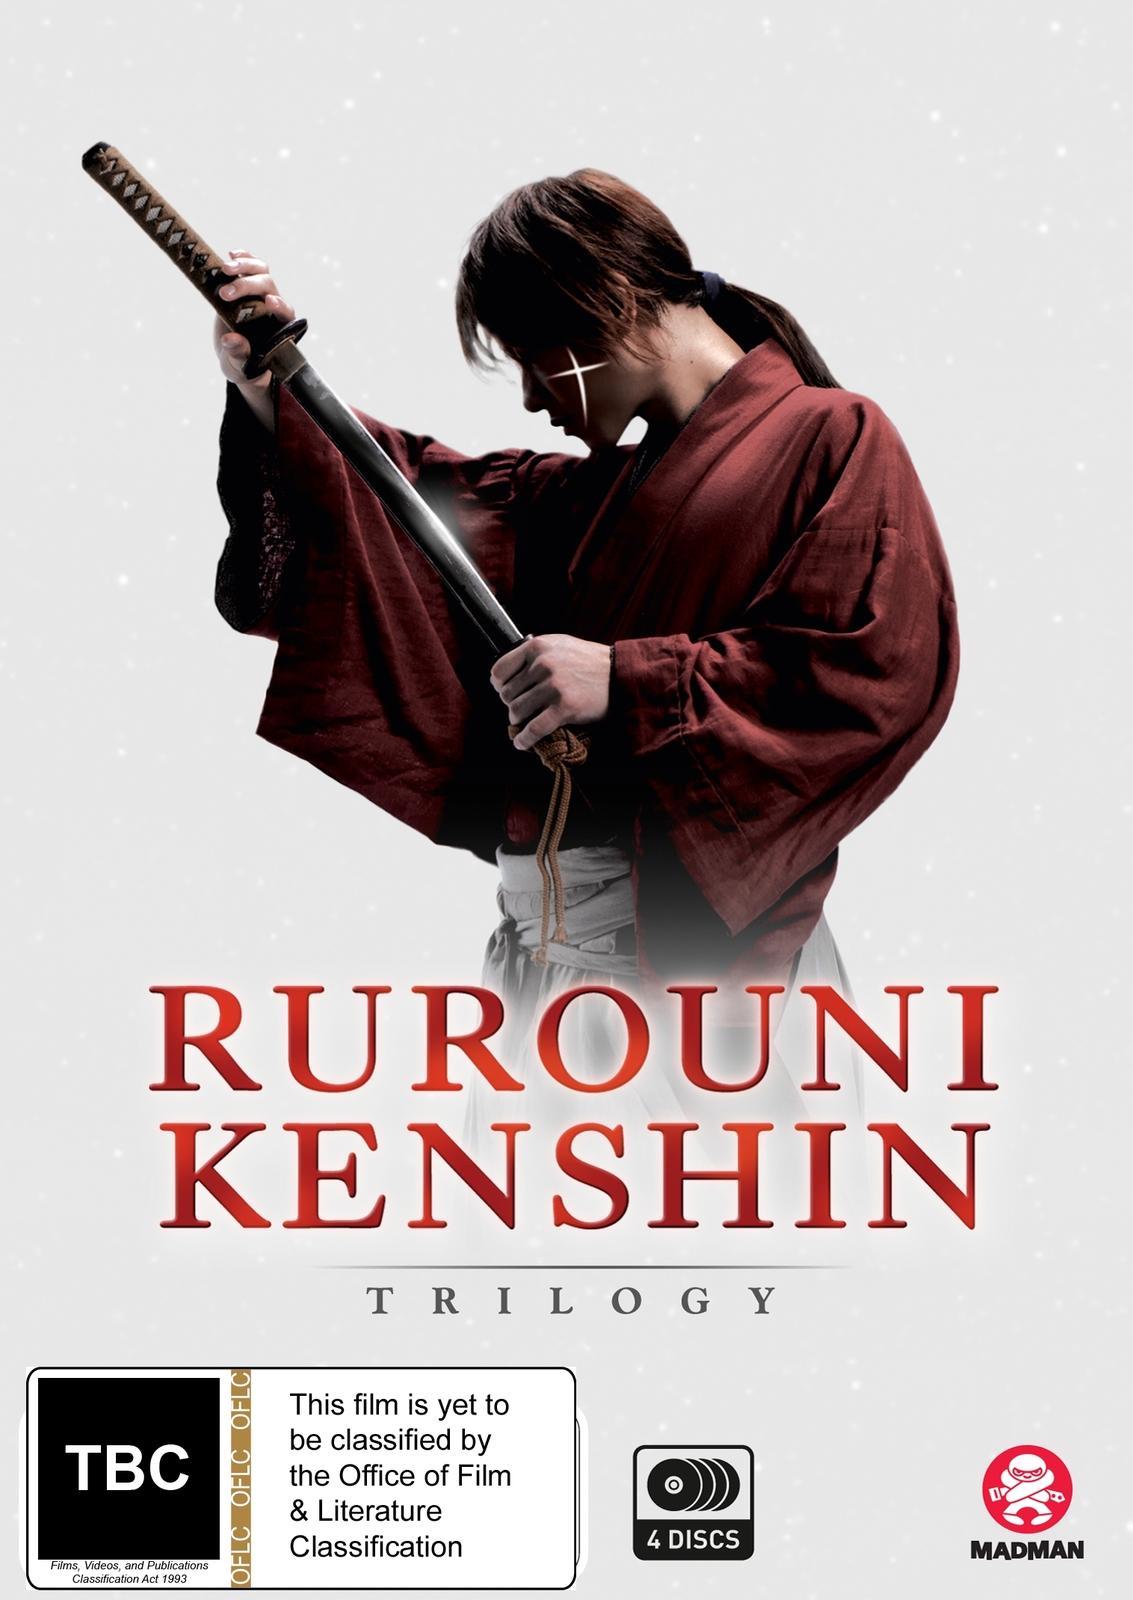 Rurouni Kenshin Trilogy on DVD image